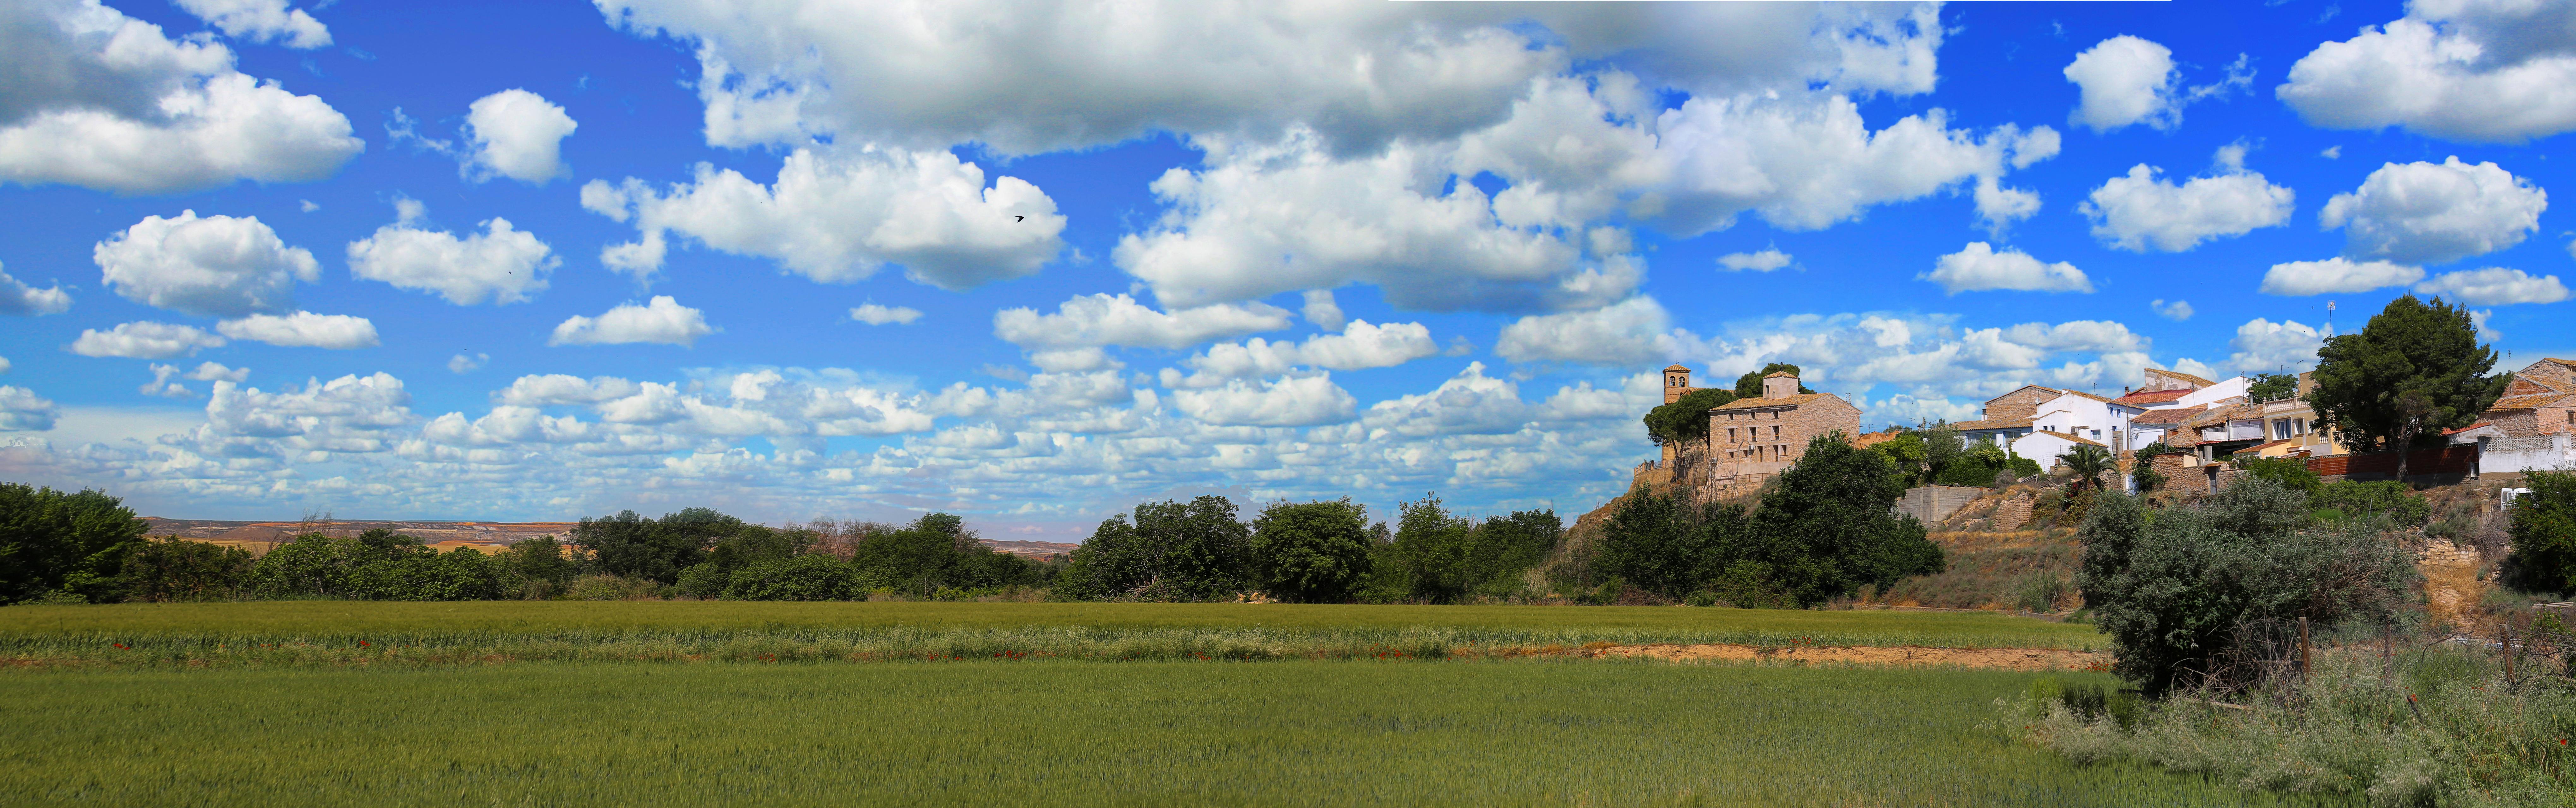 Panorama_sin_título10_nubes